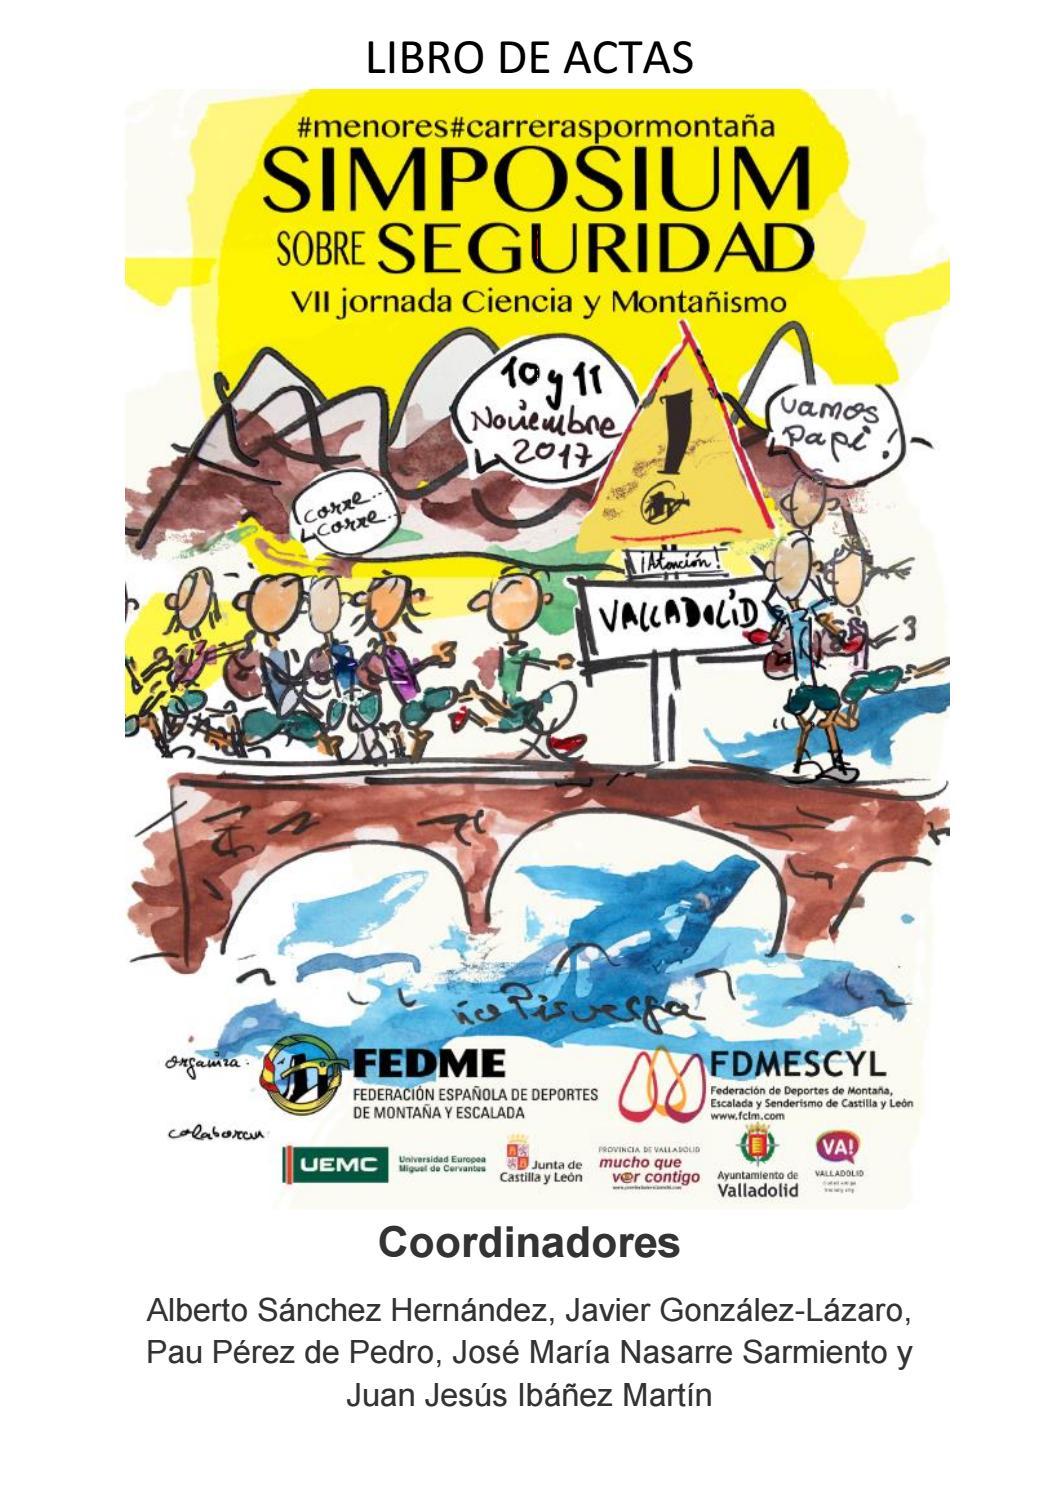 Simposium sobre Seguridad en deportes de montaña by FEDME - issuu b628199c839